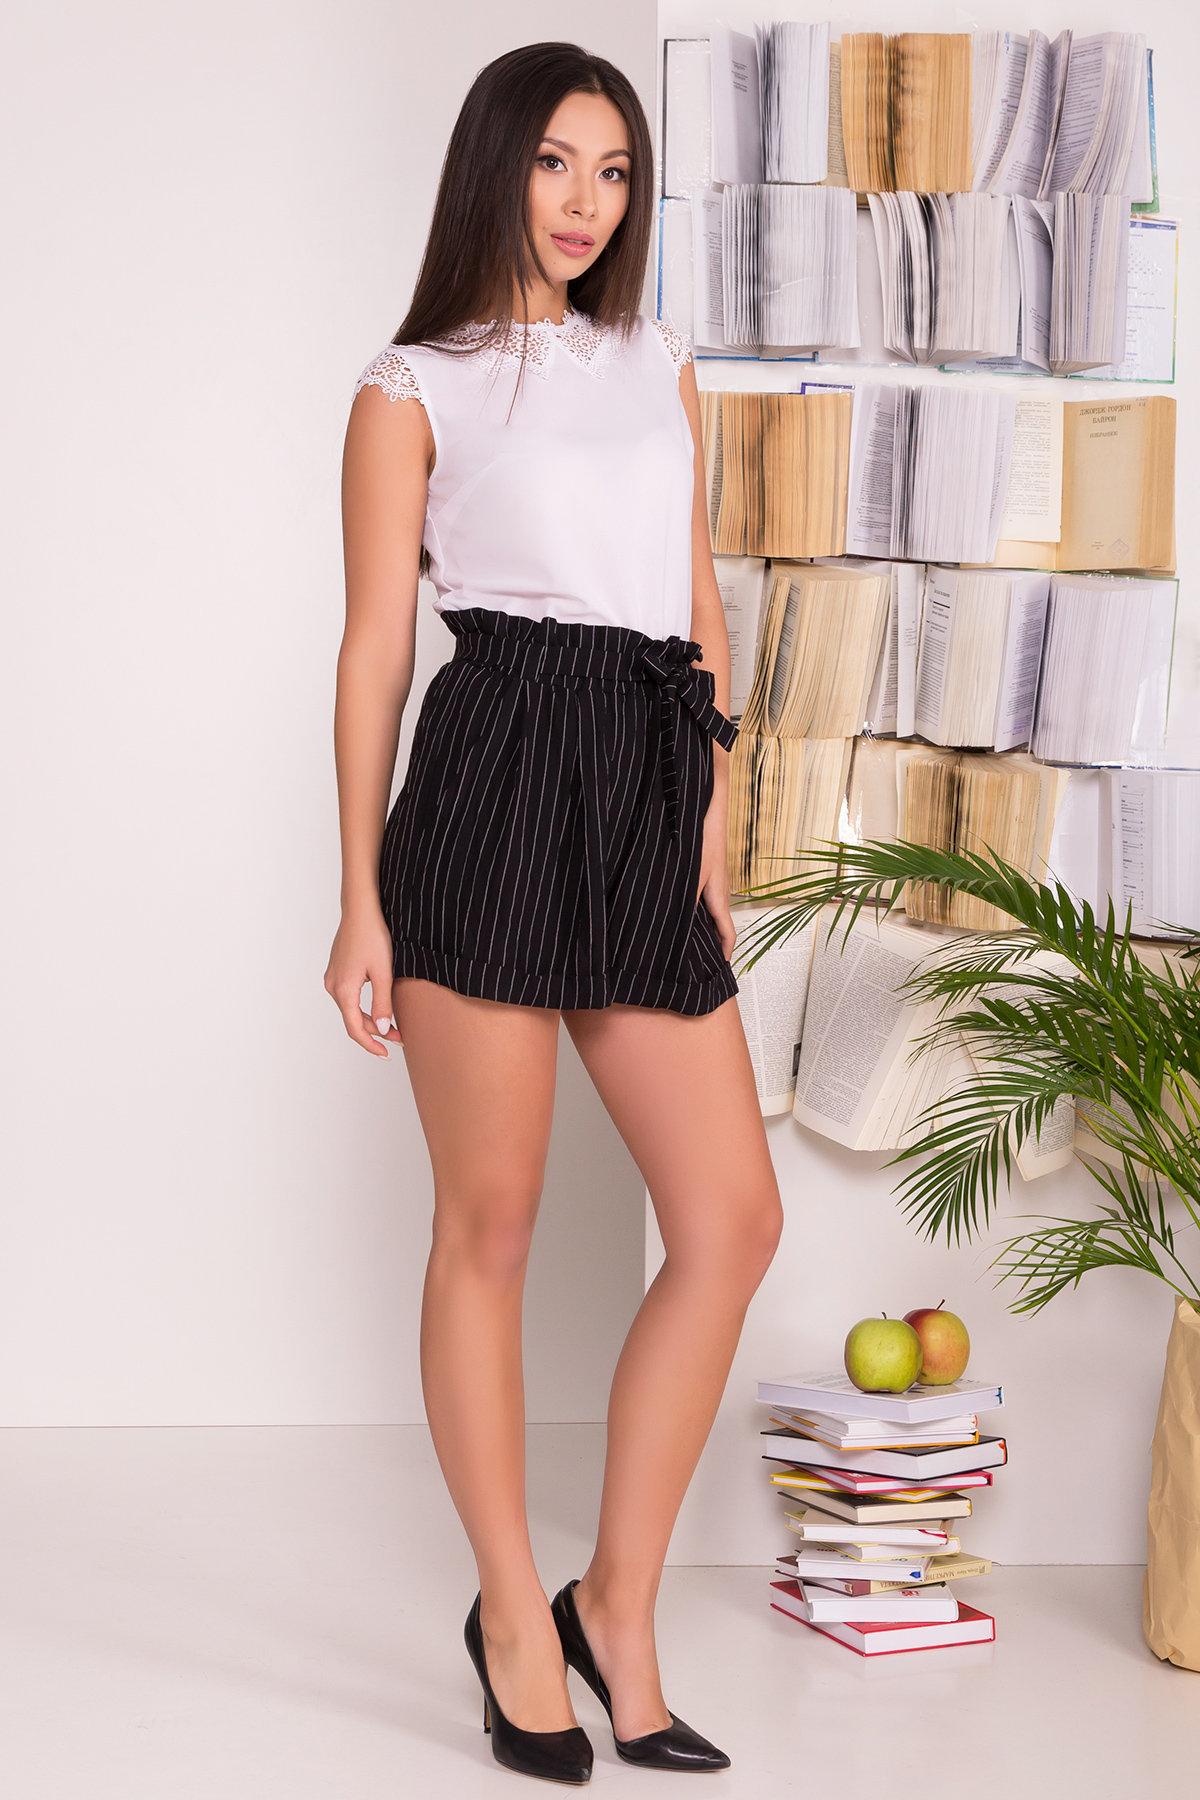 Блуза Алмея 7662 АРТ. 43605 Цвет: Белый (1) - фото 3, интернет магазин tm-modus.ru